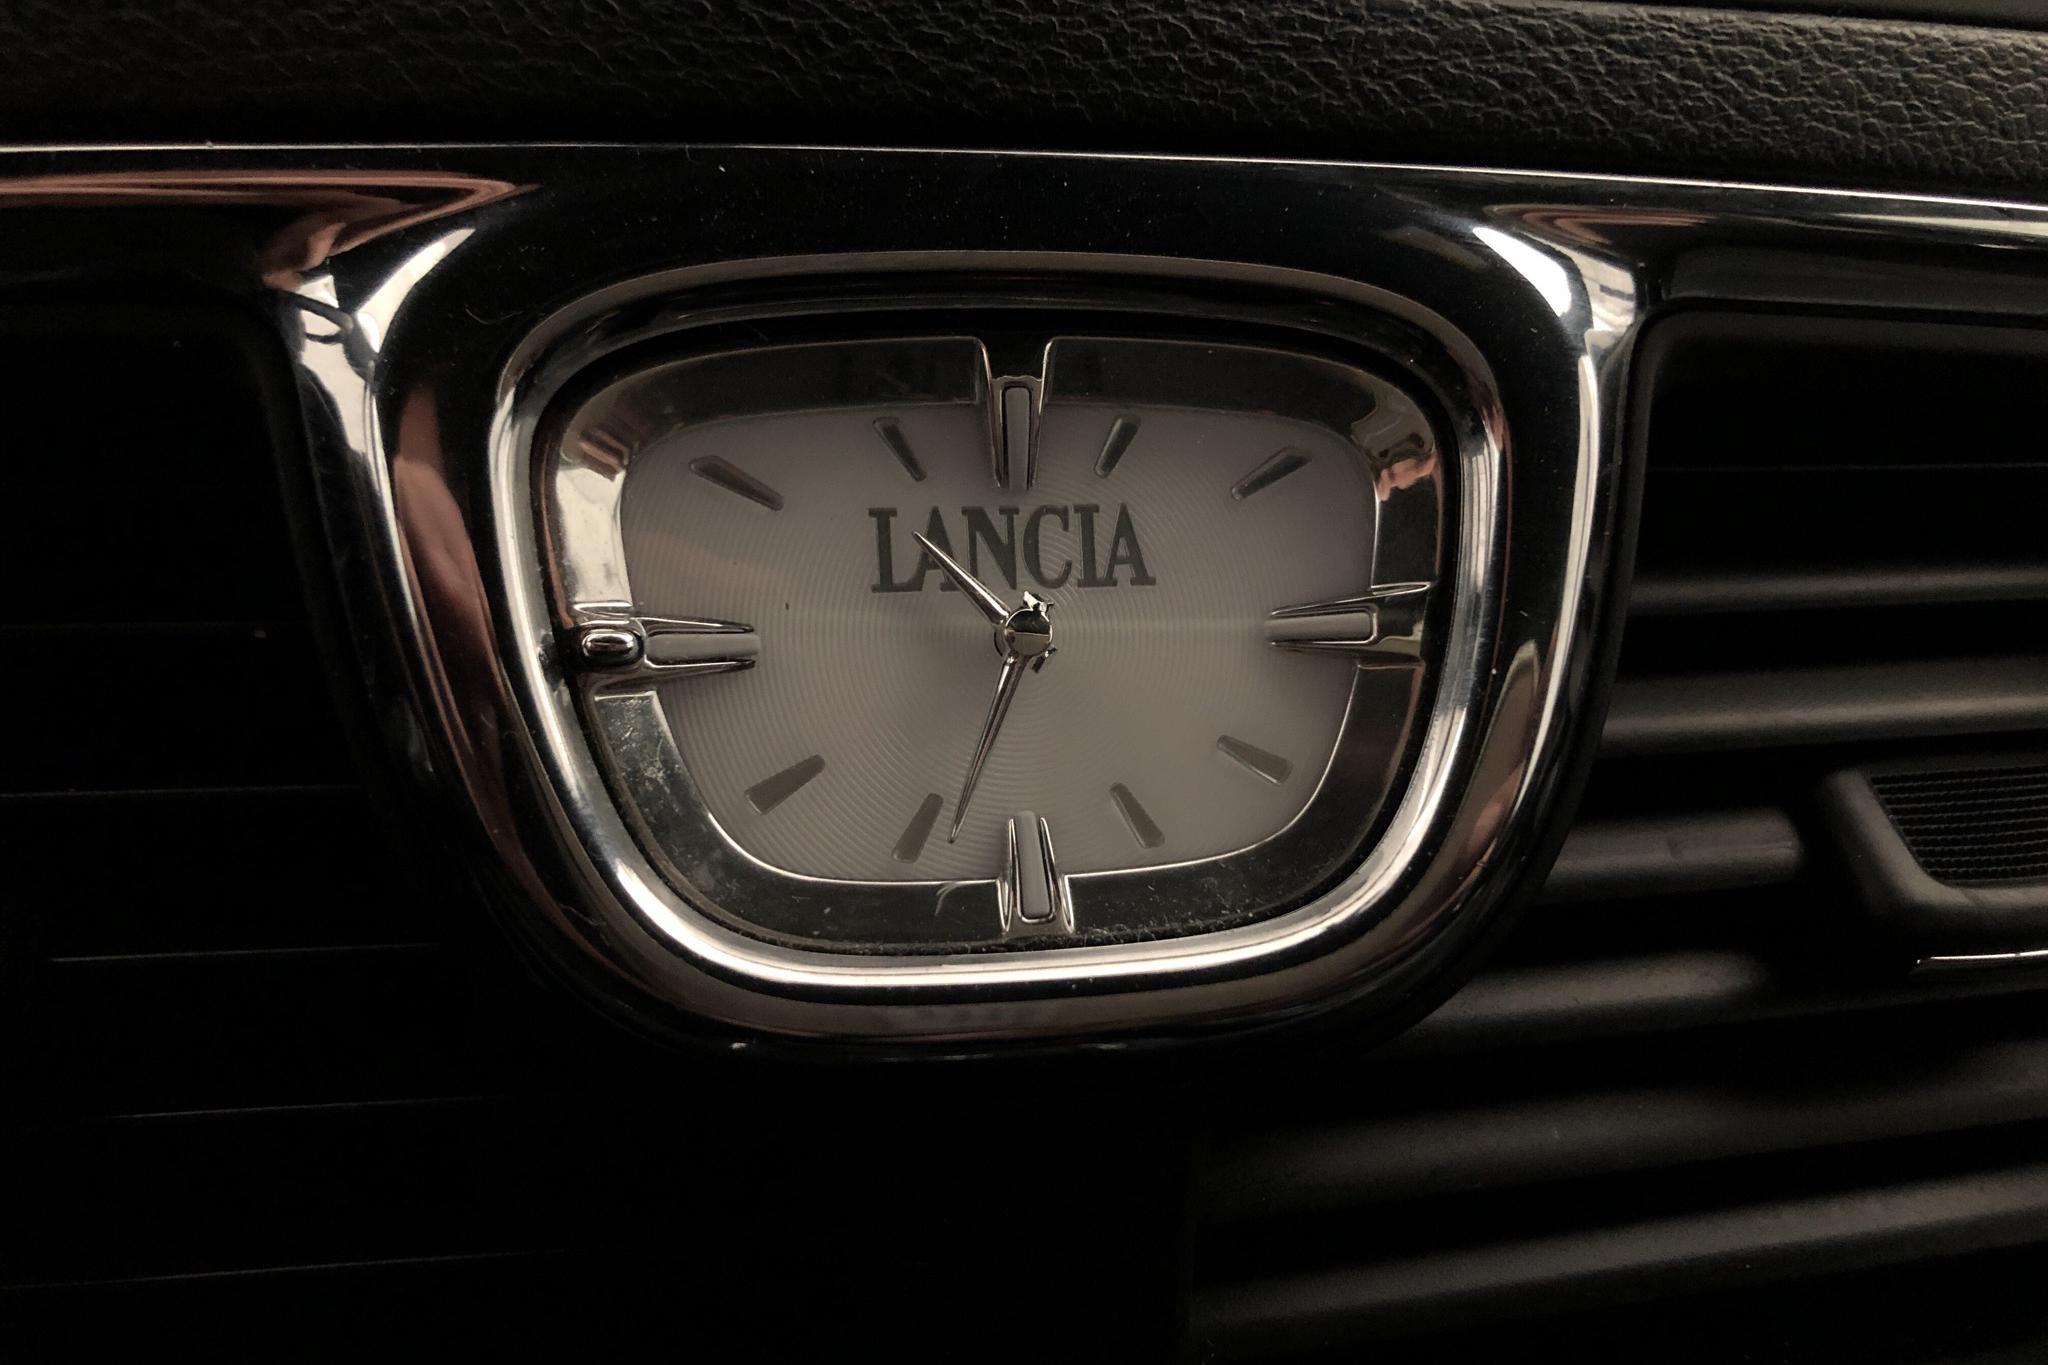 Lancia Lancia Voyager 2.8 Multi-Jet (178hk) - 99 780 km - Automatic - gray - 2015